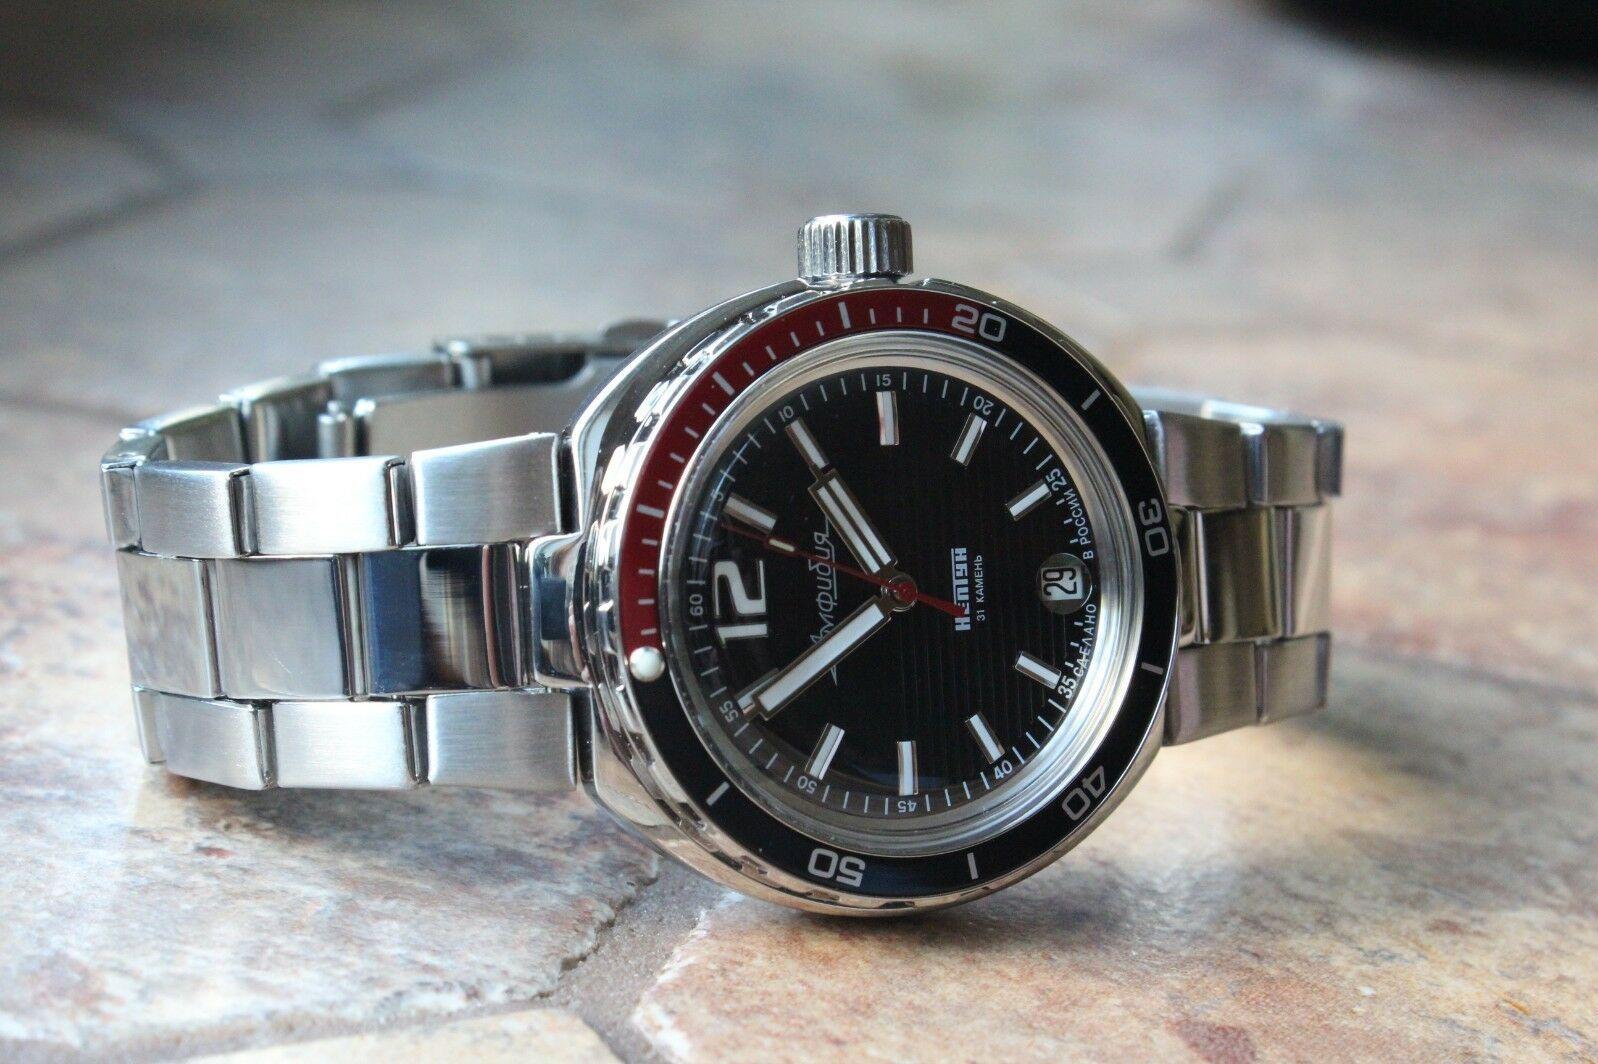 Продать амфибия хочу 8830447 часы швейцарских часов купить ломбард